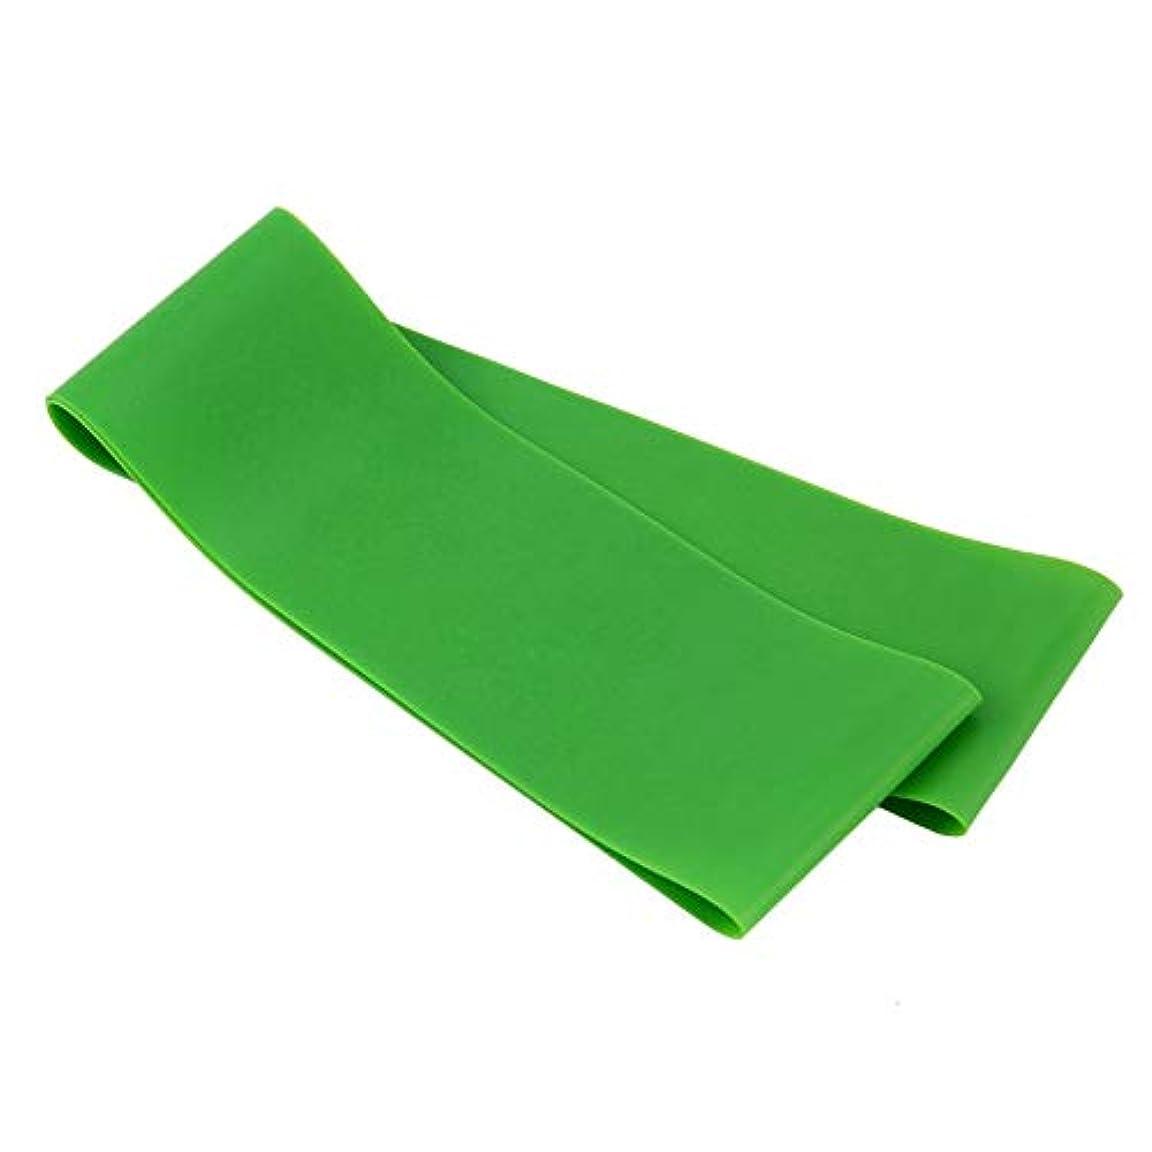 どれ菊対立滑り止め伸縮性ゴム弾性ヨガベルトバンドプルロープ張力抵抗バンドループ強度のためのフィットネスヨガツール - グリーン